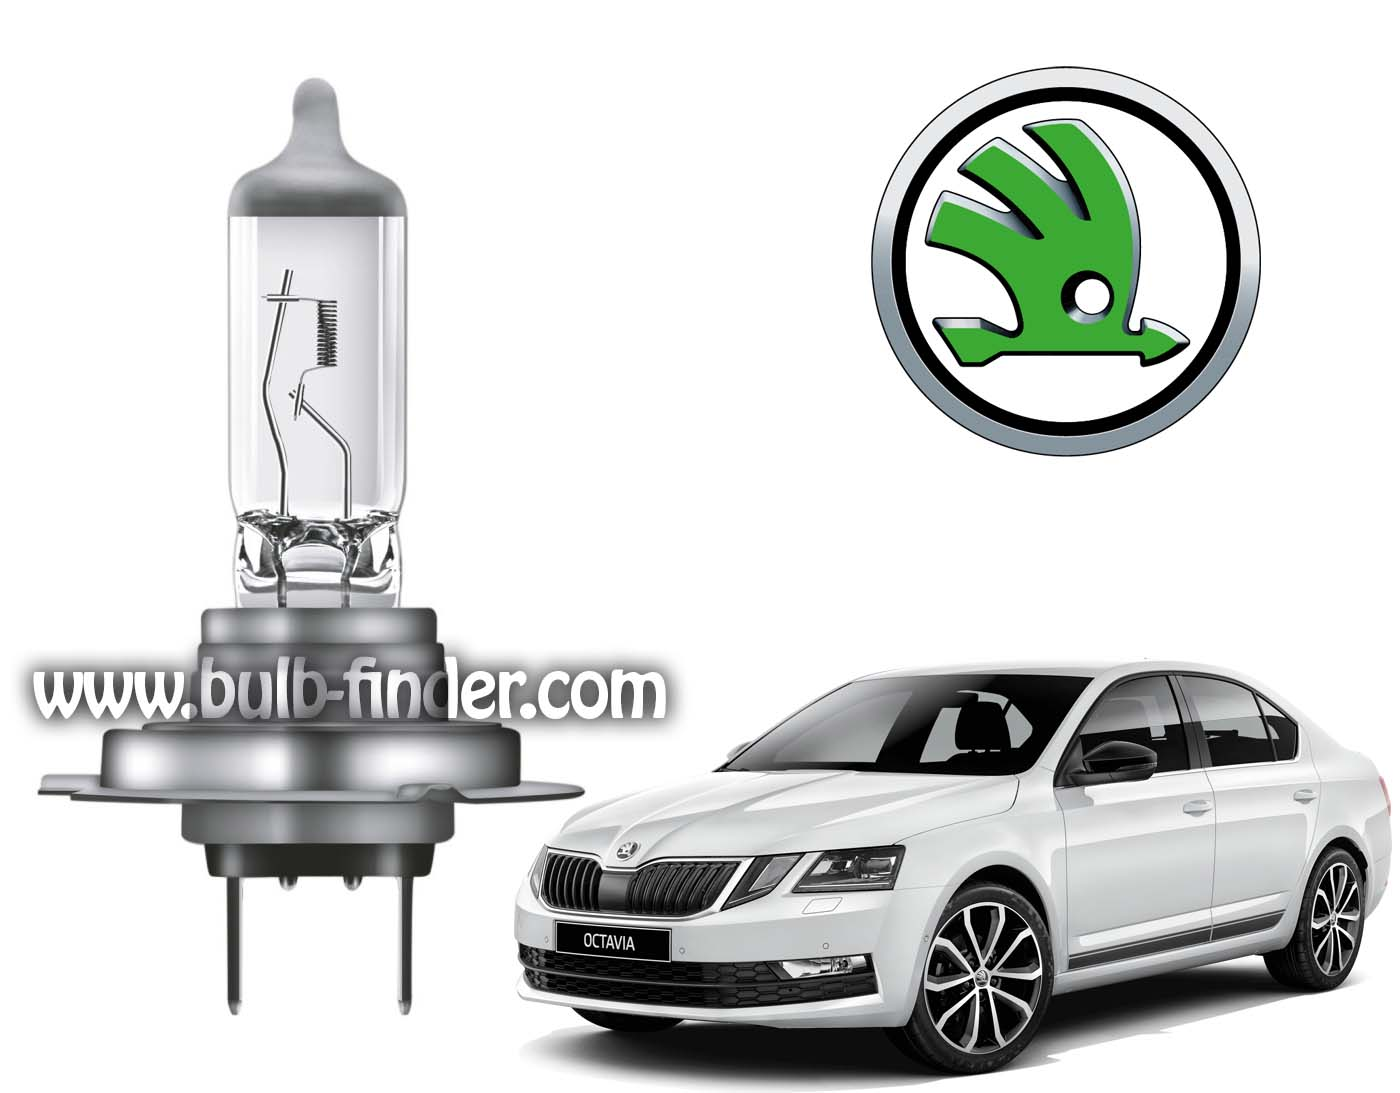 Skoda Octavia bulb model HIGHT BEAM HEADLIGHT